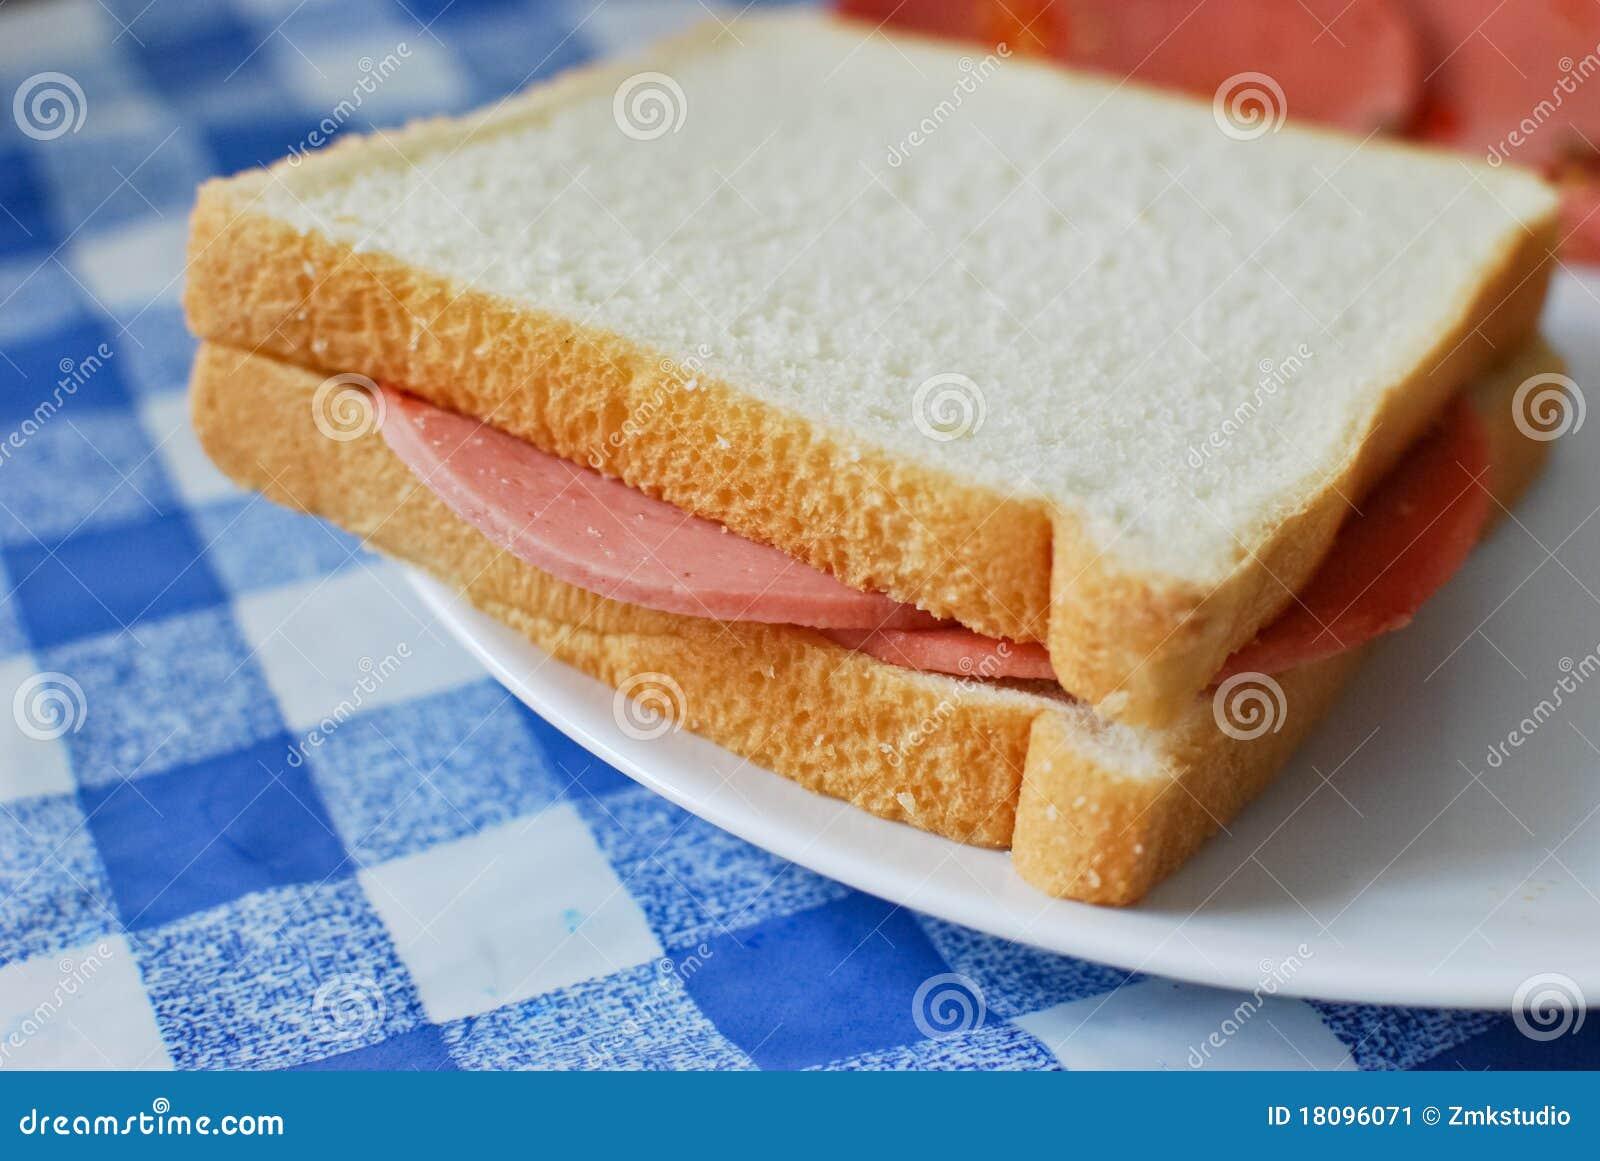 bread bologna ham sand...